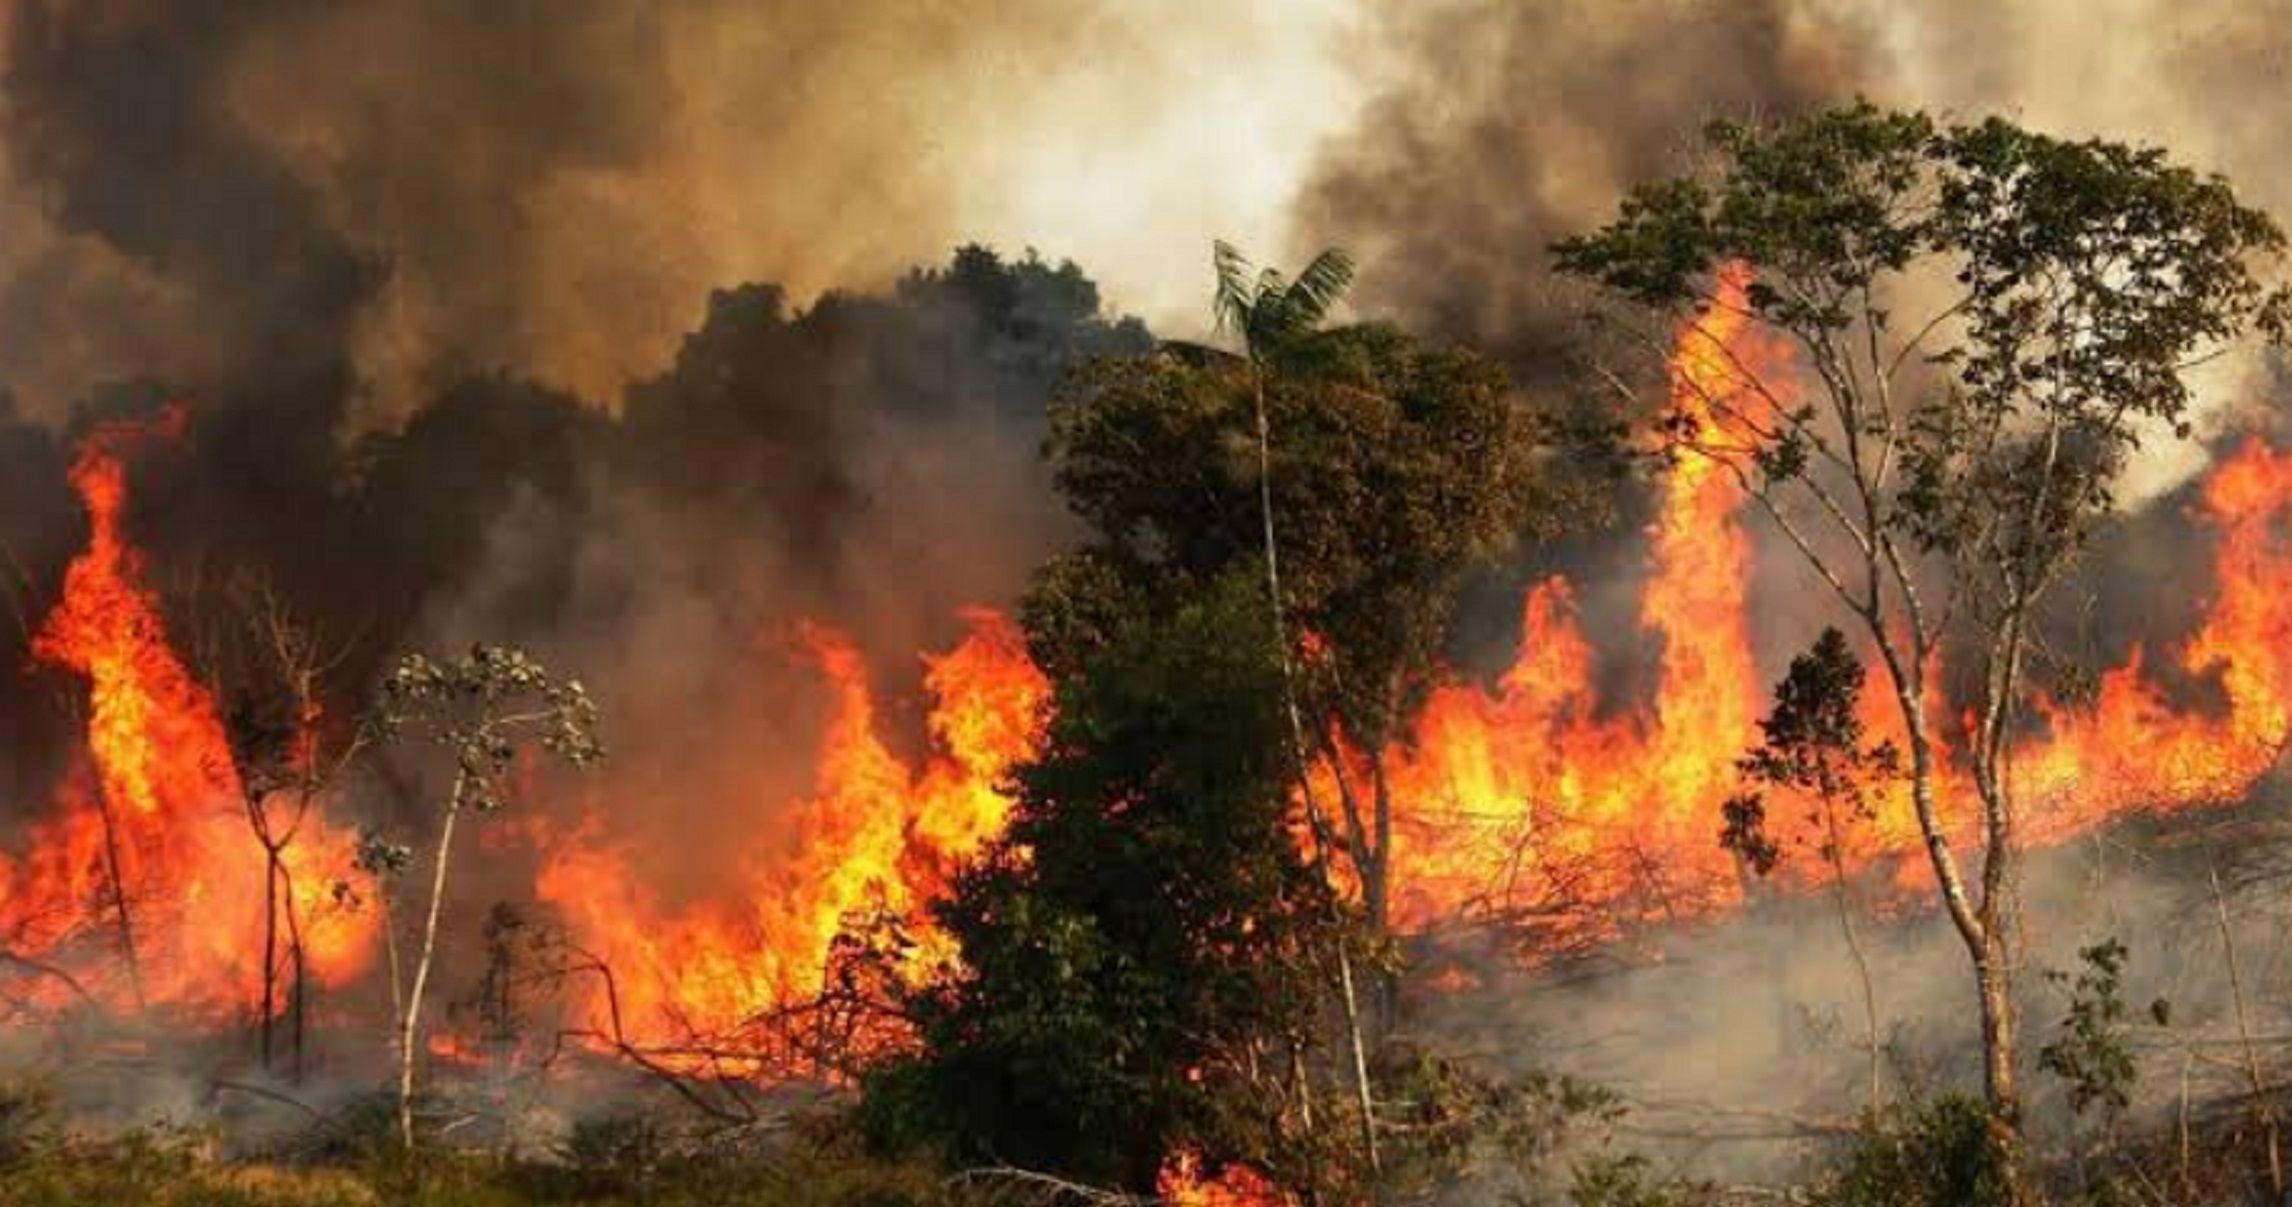 Graves incendios forestales en el Amazonas: las llamas invaden el pulmón del planeta